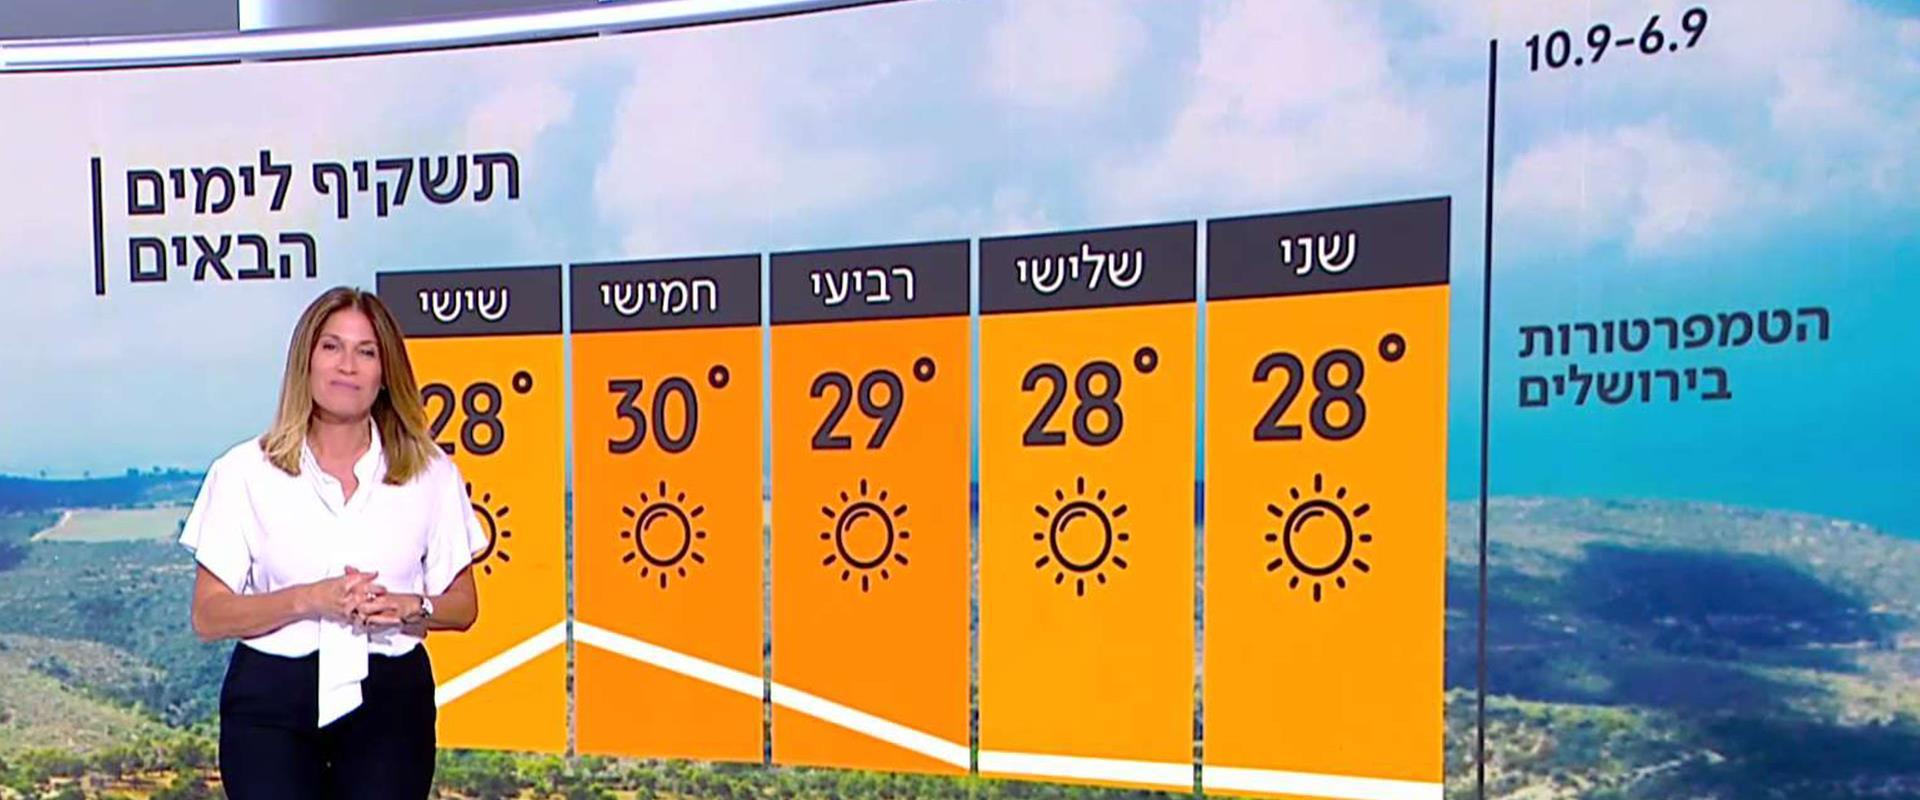 התחזית 05.09.21: מחר - ירידה קלה בטמפרטורות